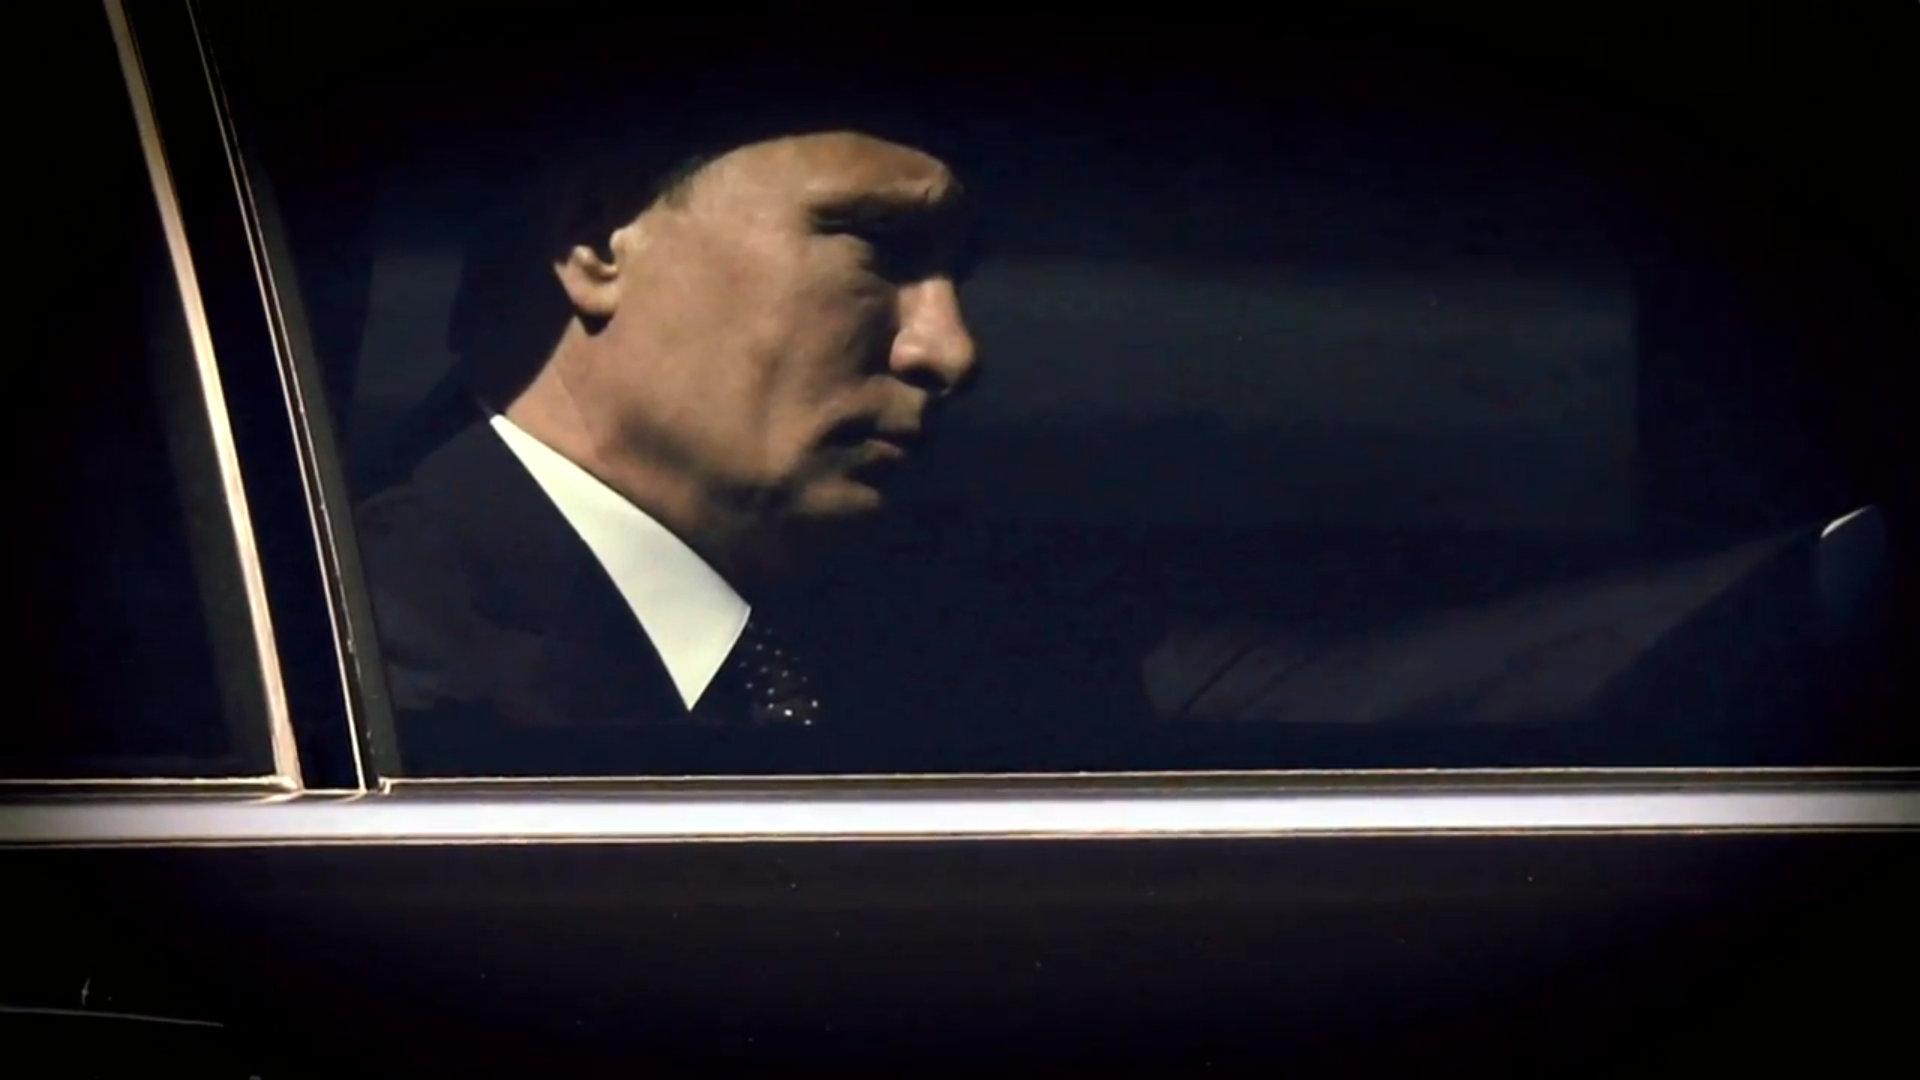 200 milliárd dollárra becsüli Putyin vagyonát Oroszország volt legfőbb külföldi befektetője